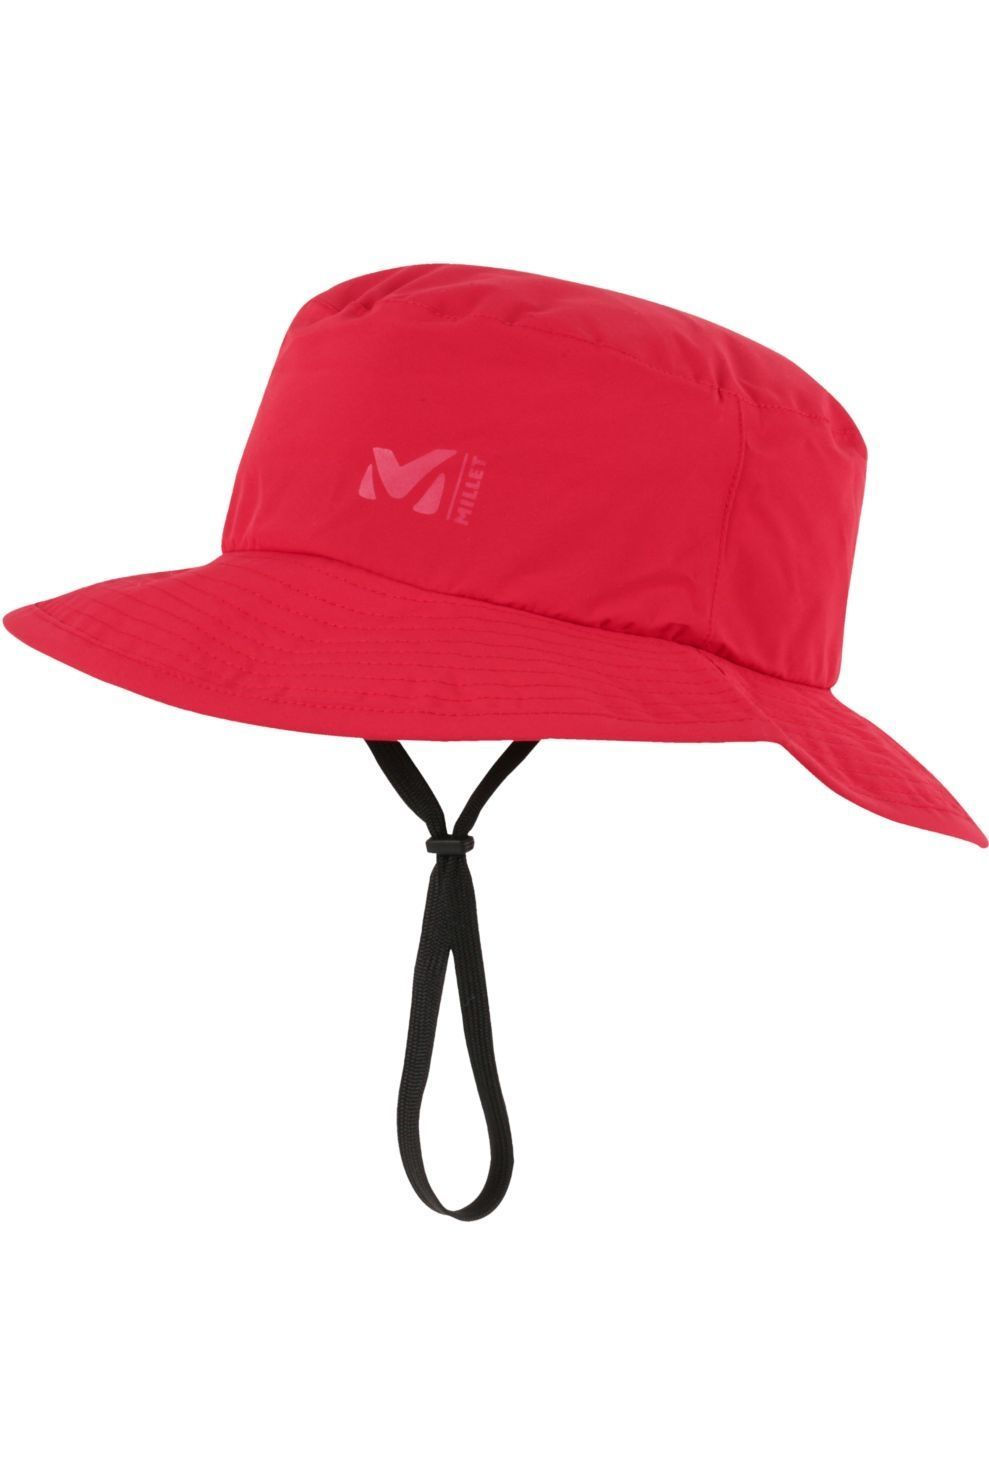 Millet Hoed Rainproof - Rood/Roze - Maten: M, L